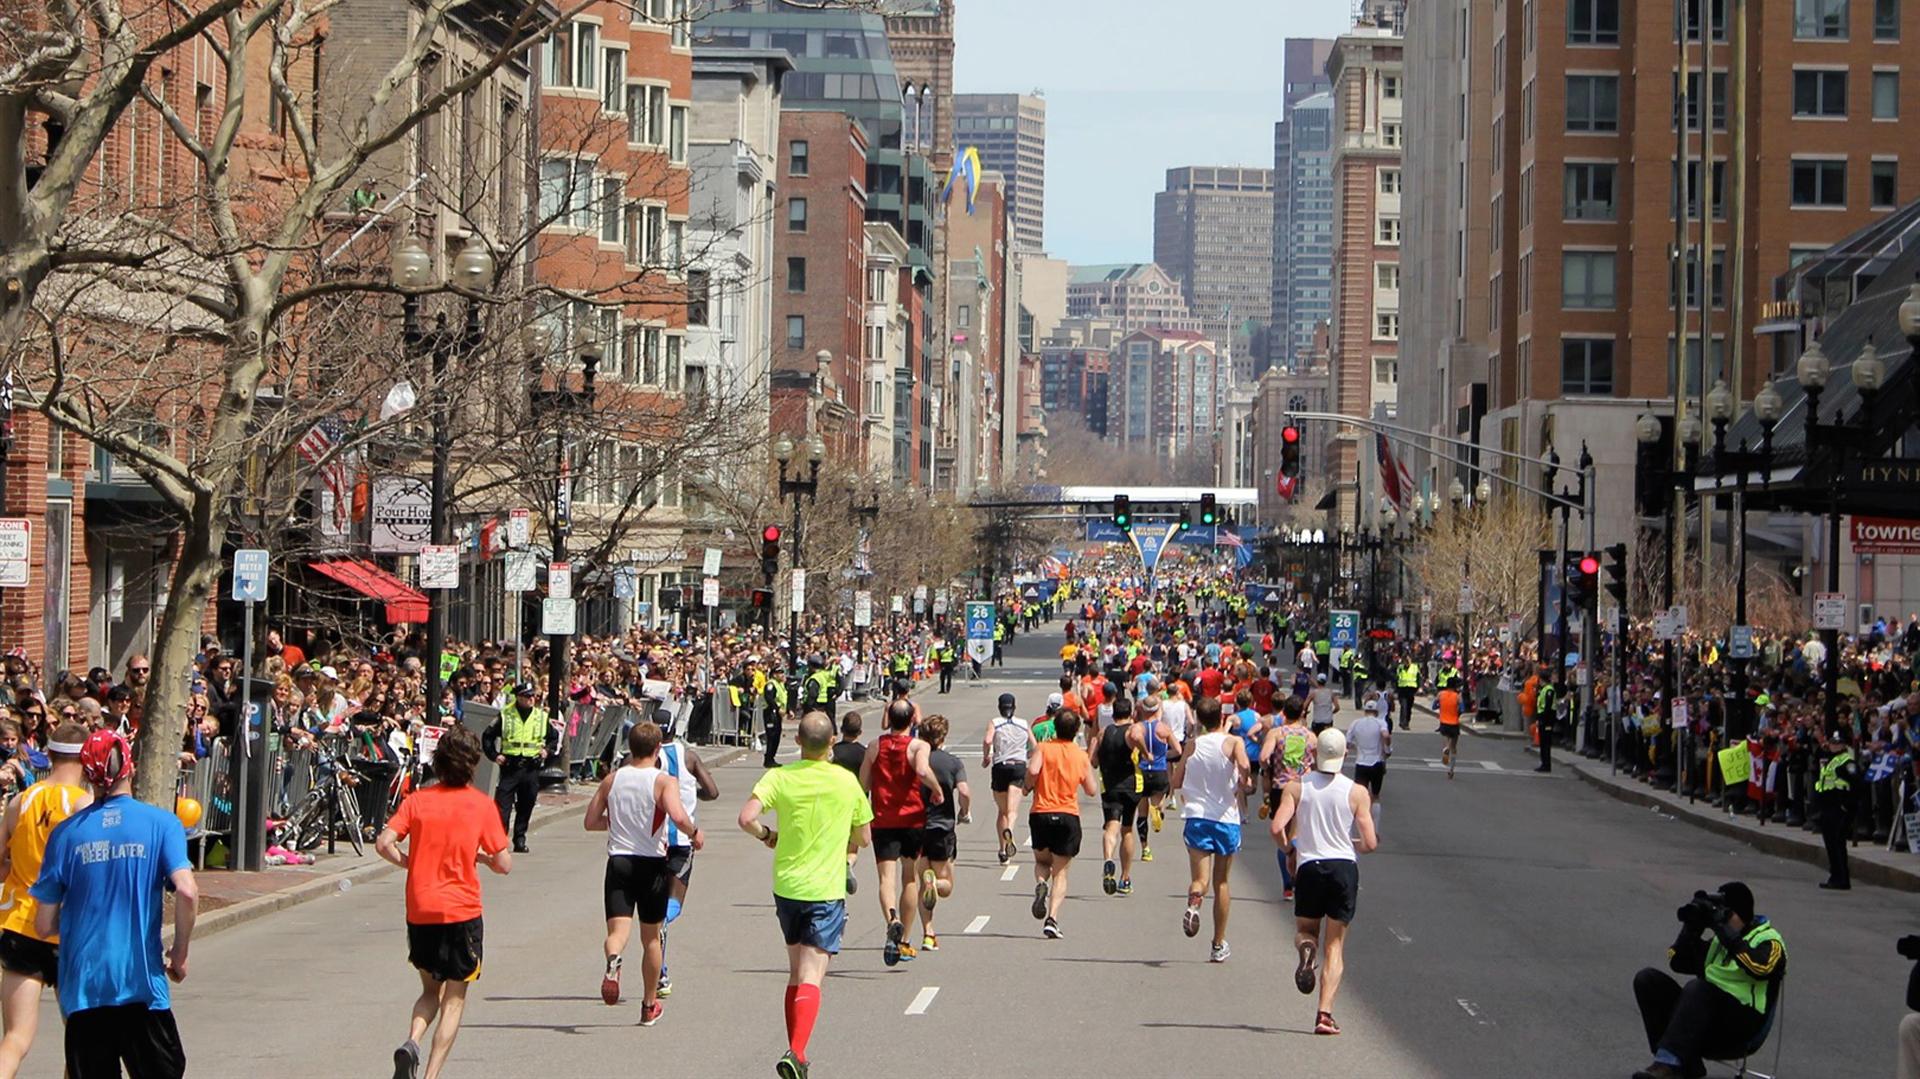 El año pasado se registraron más de 30 mil corredores